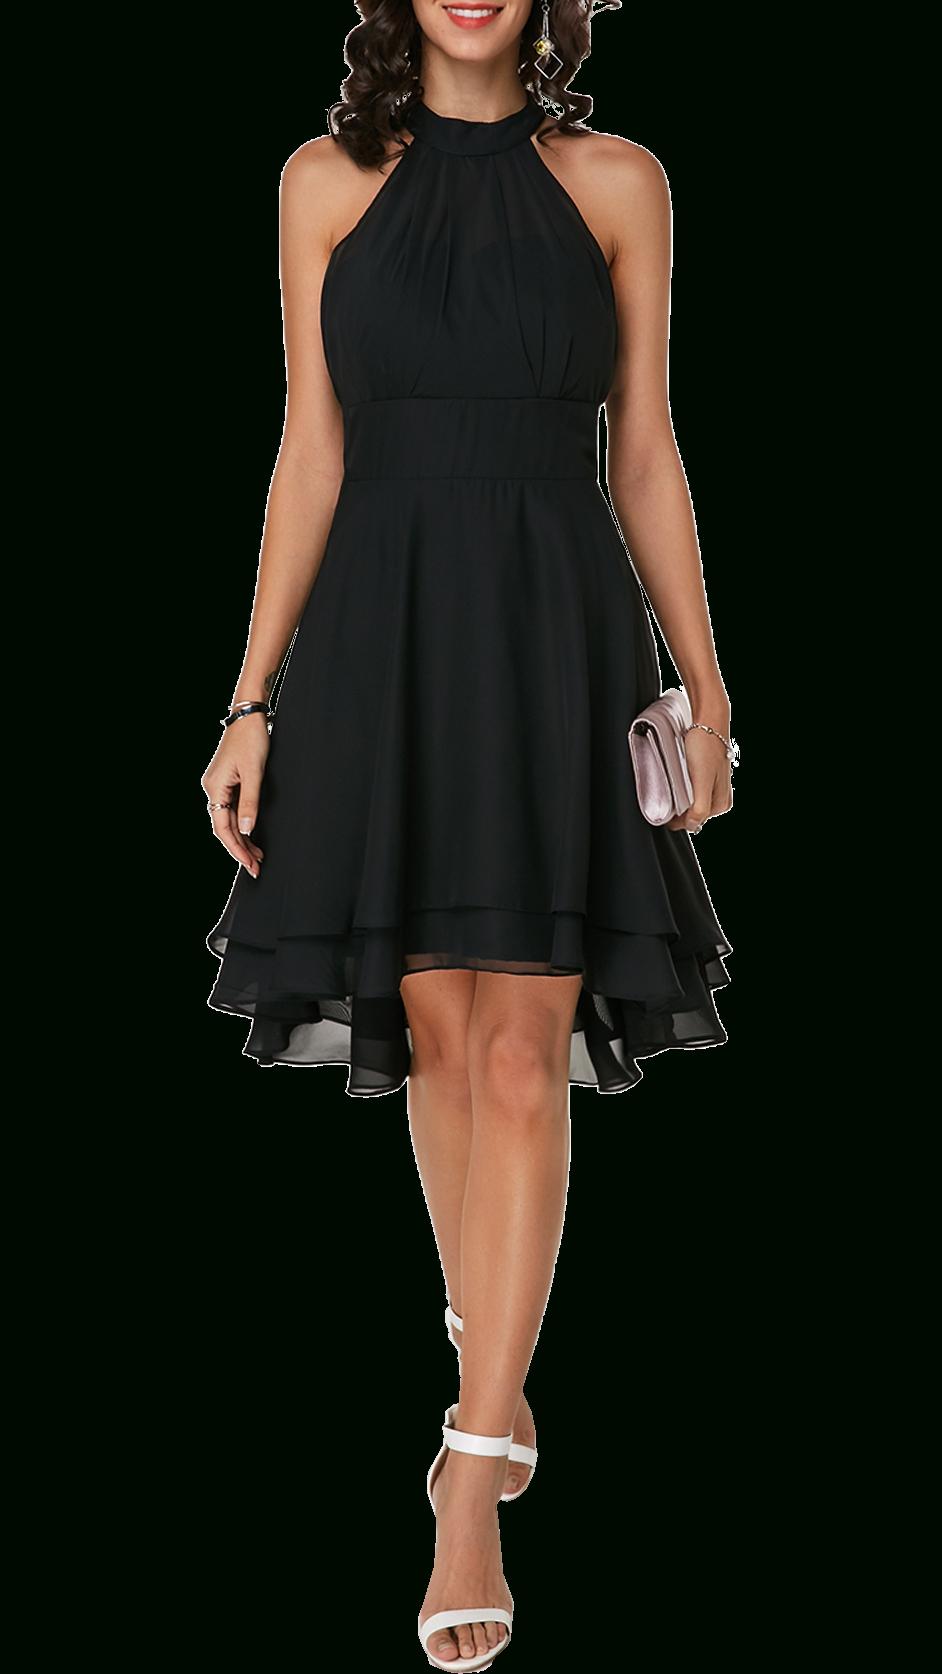 Kleid Chicago  Schwarz 43